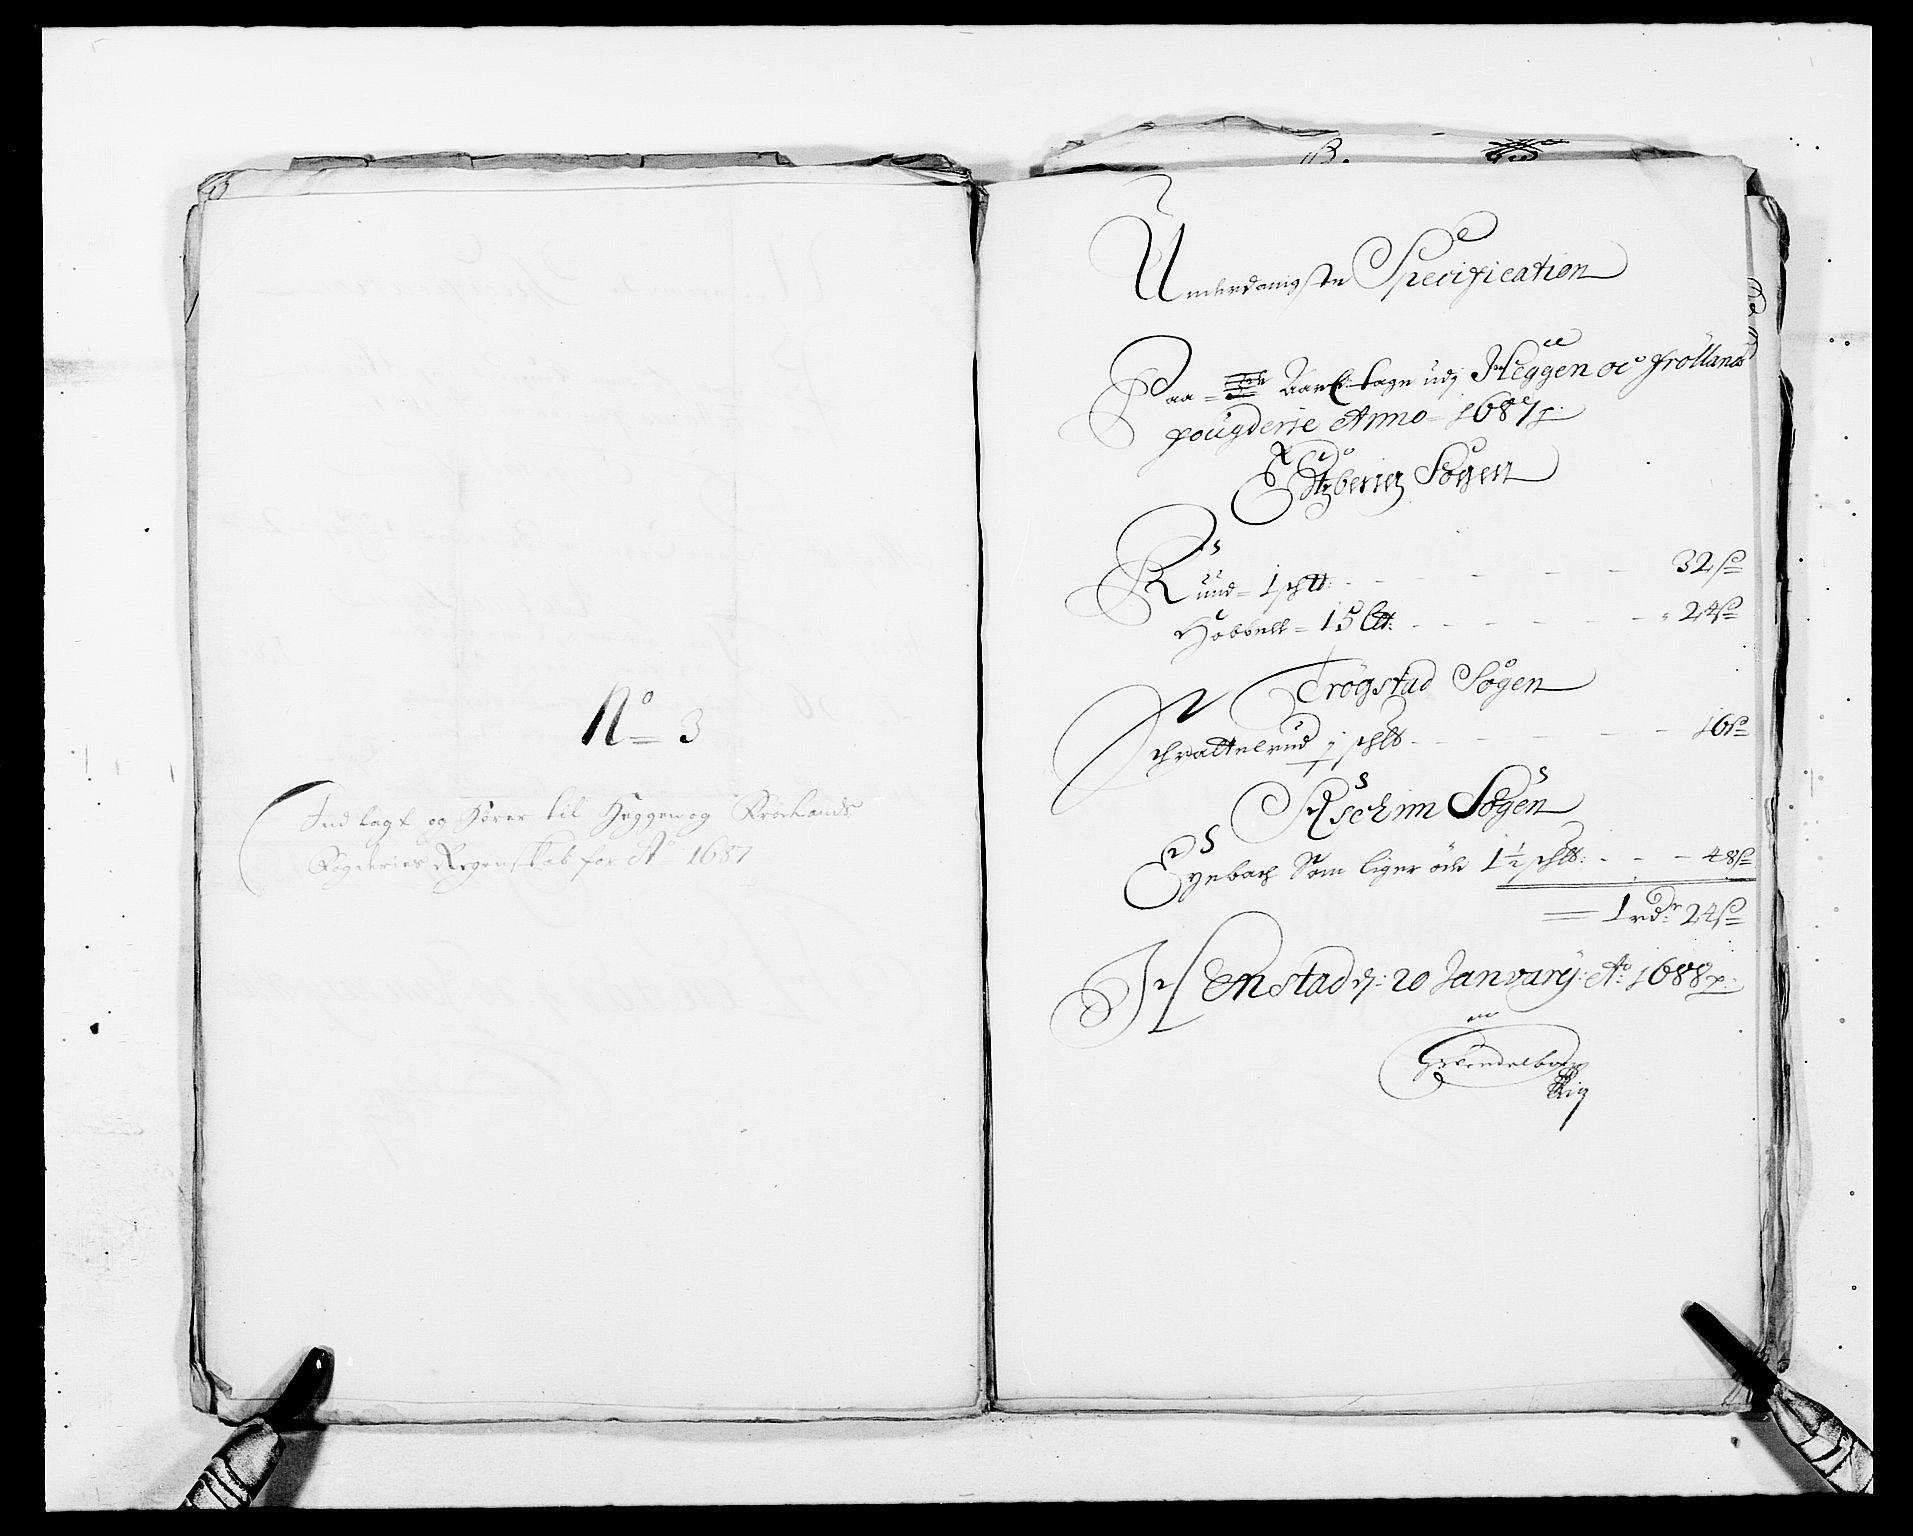 RA, Rentekammeret inntil 1814, Reviderte regnskaper, Fogderegnskap, R06/L0282: Fogderegnskap Heggen og Frøland, 1687-1690, s. 35